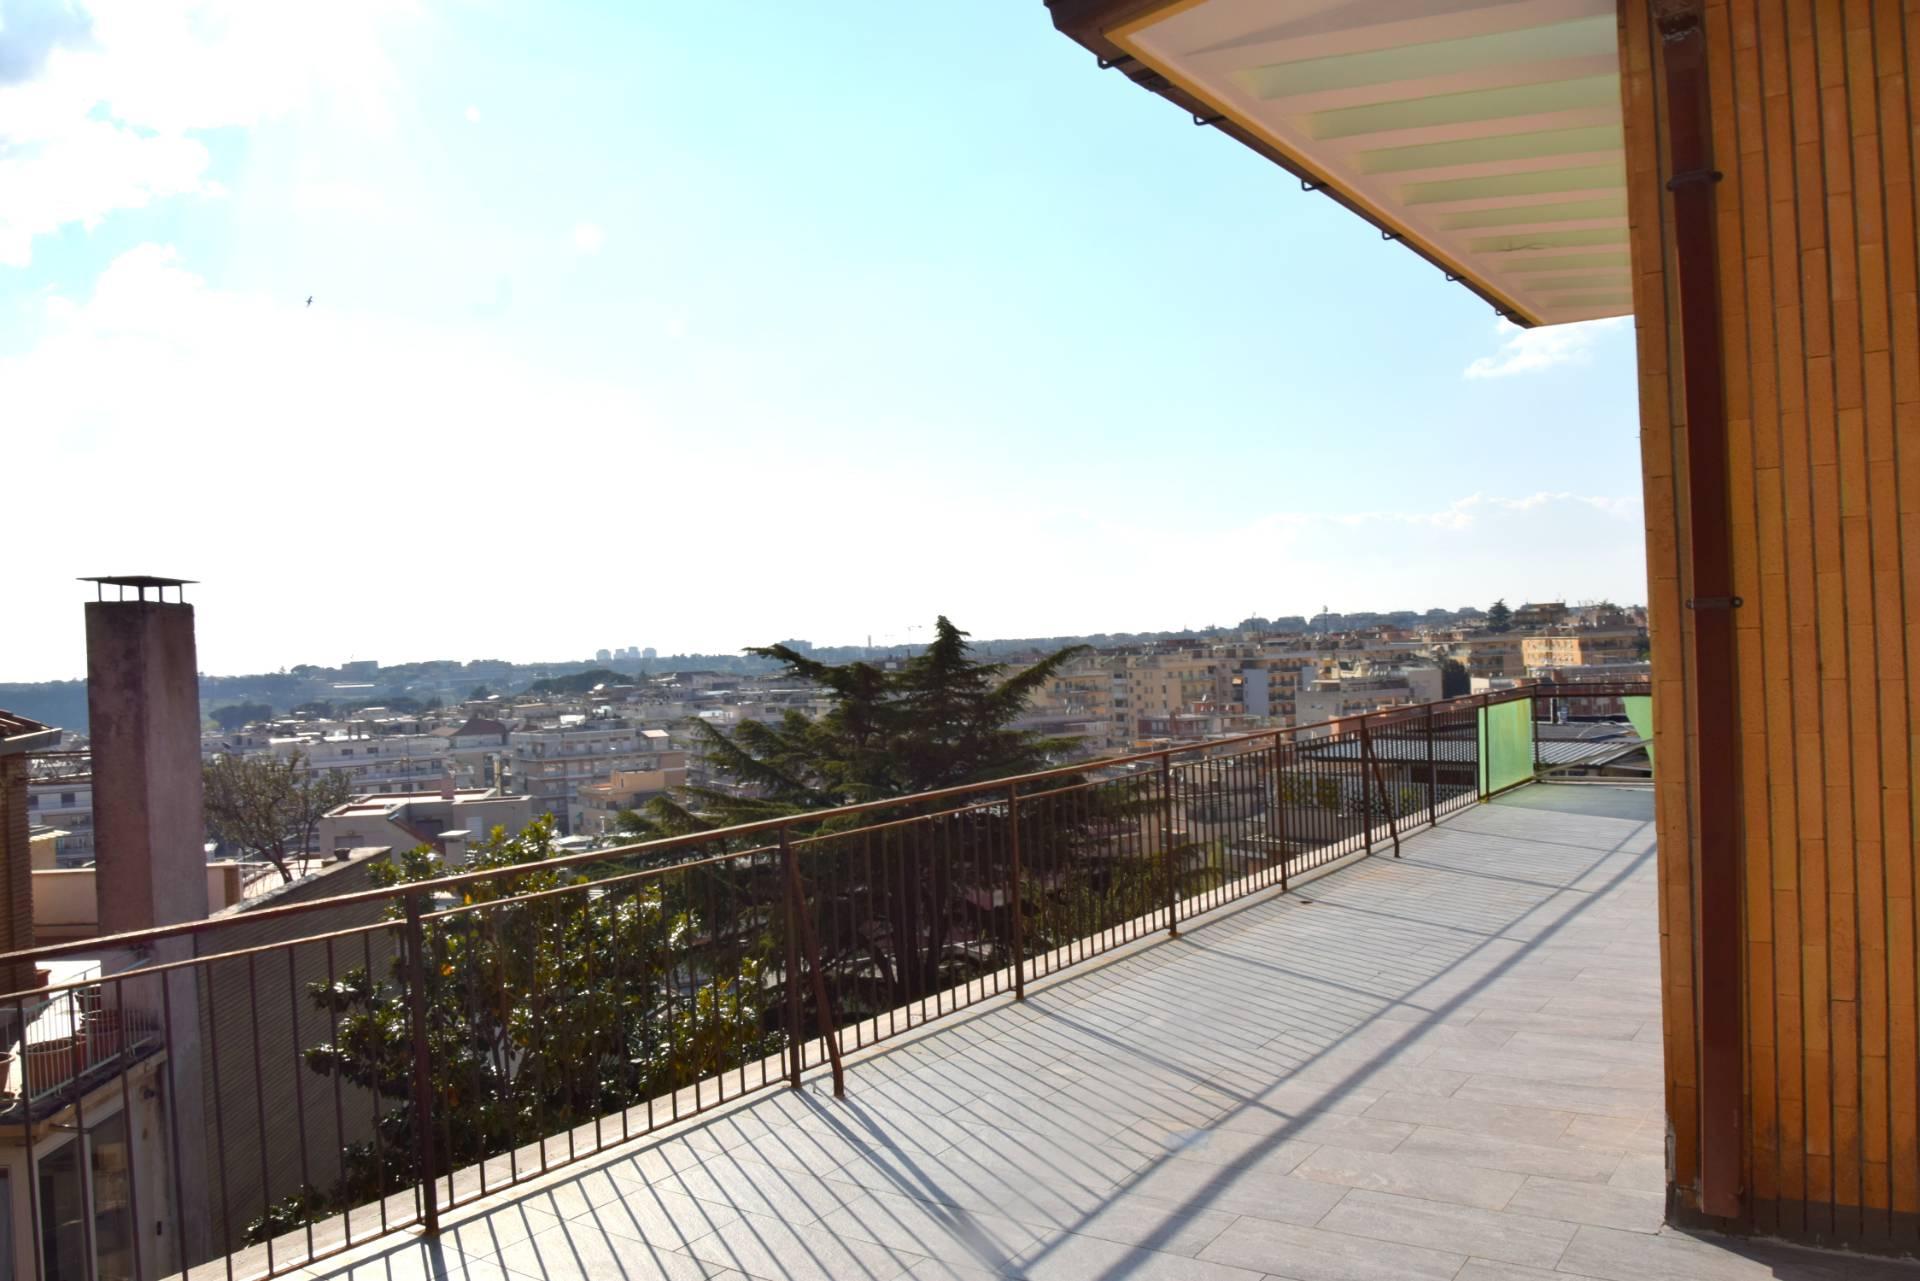 Attico / Mansarda in vendita a Roma, 8 locali, zona Zona: 29 . Balduina, Montemario, Sant'Onofrio, Trionfale, Camilluccia, Cortina d'Ampezzo, prezzo € 1.490.000 | CambioCasa.it